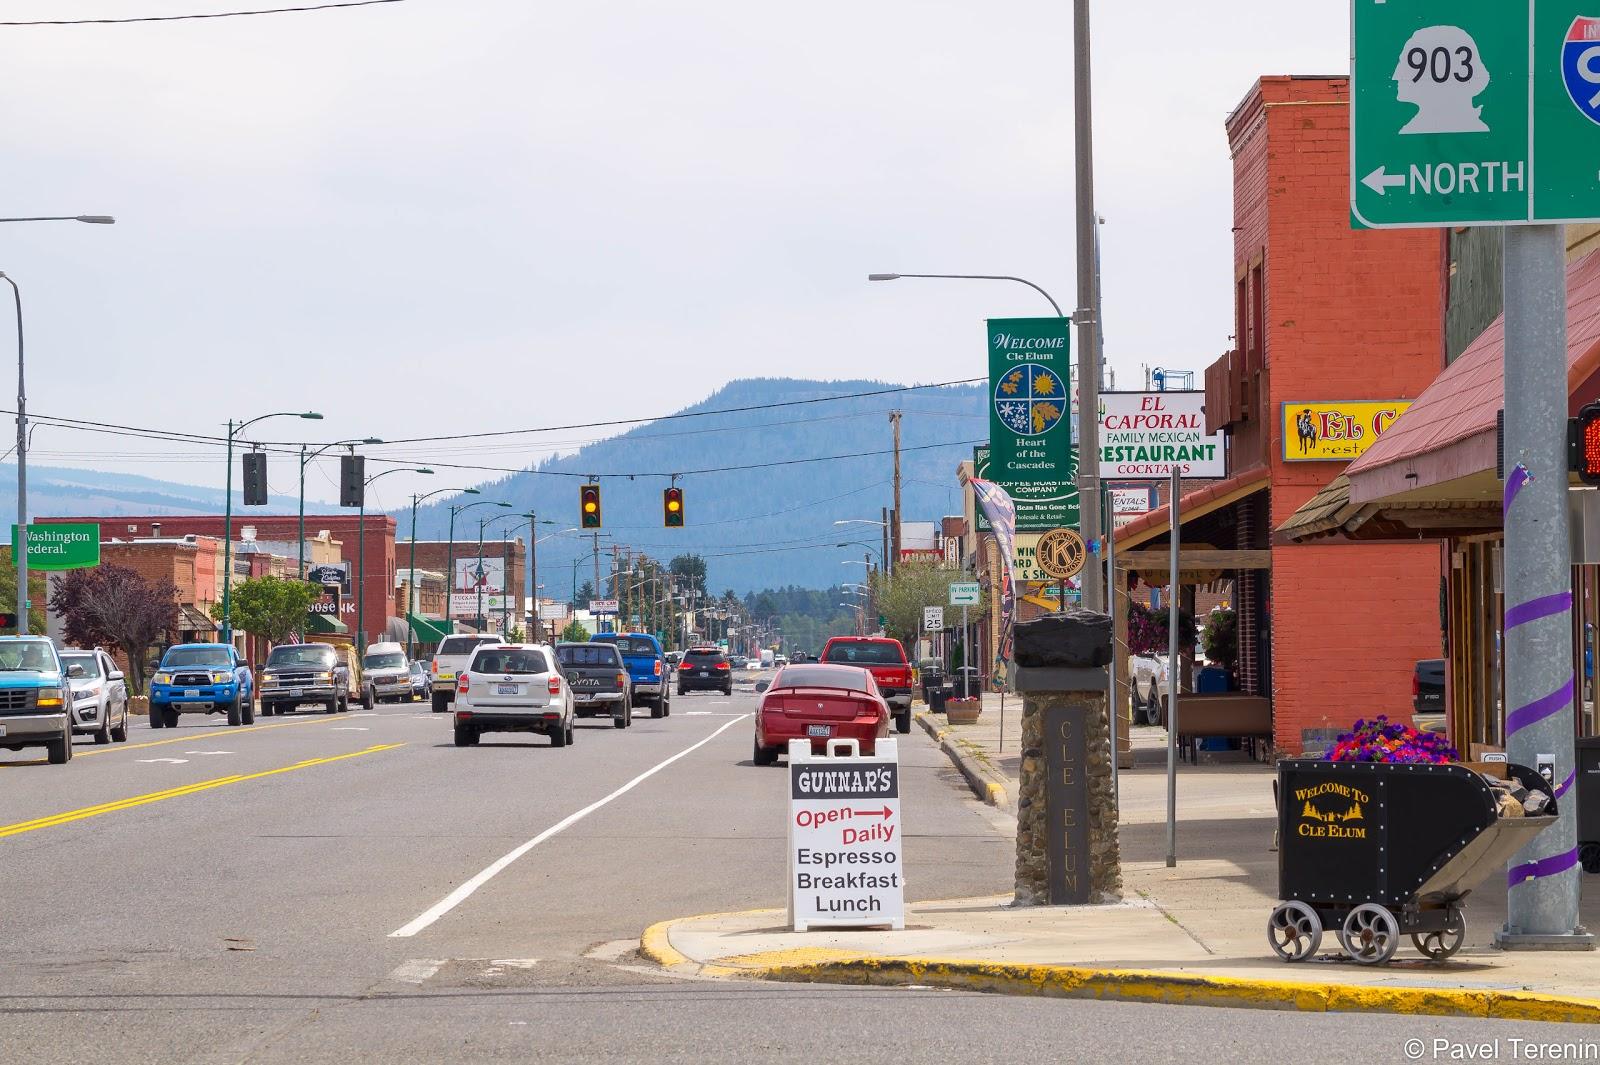 Кле-Ельм - типичный провинциальный американский городок, с населением в 1800 жителей